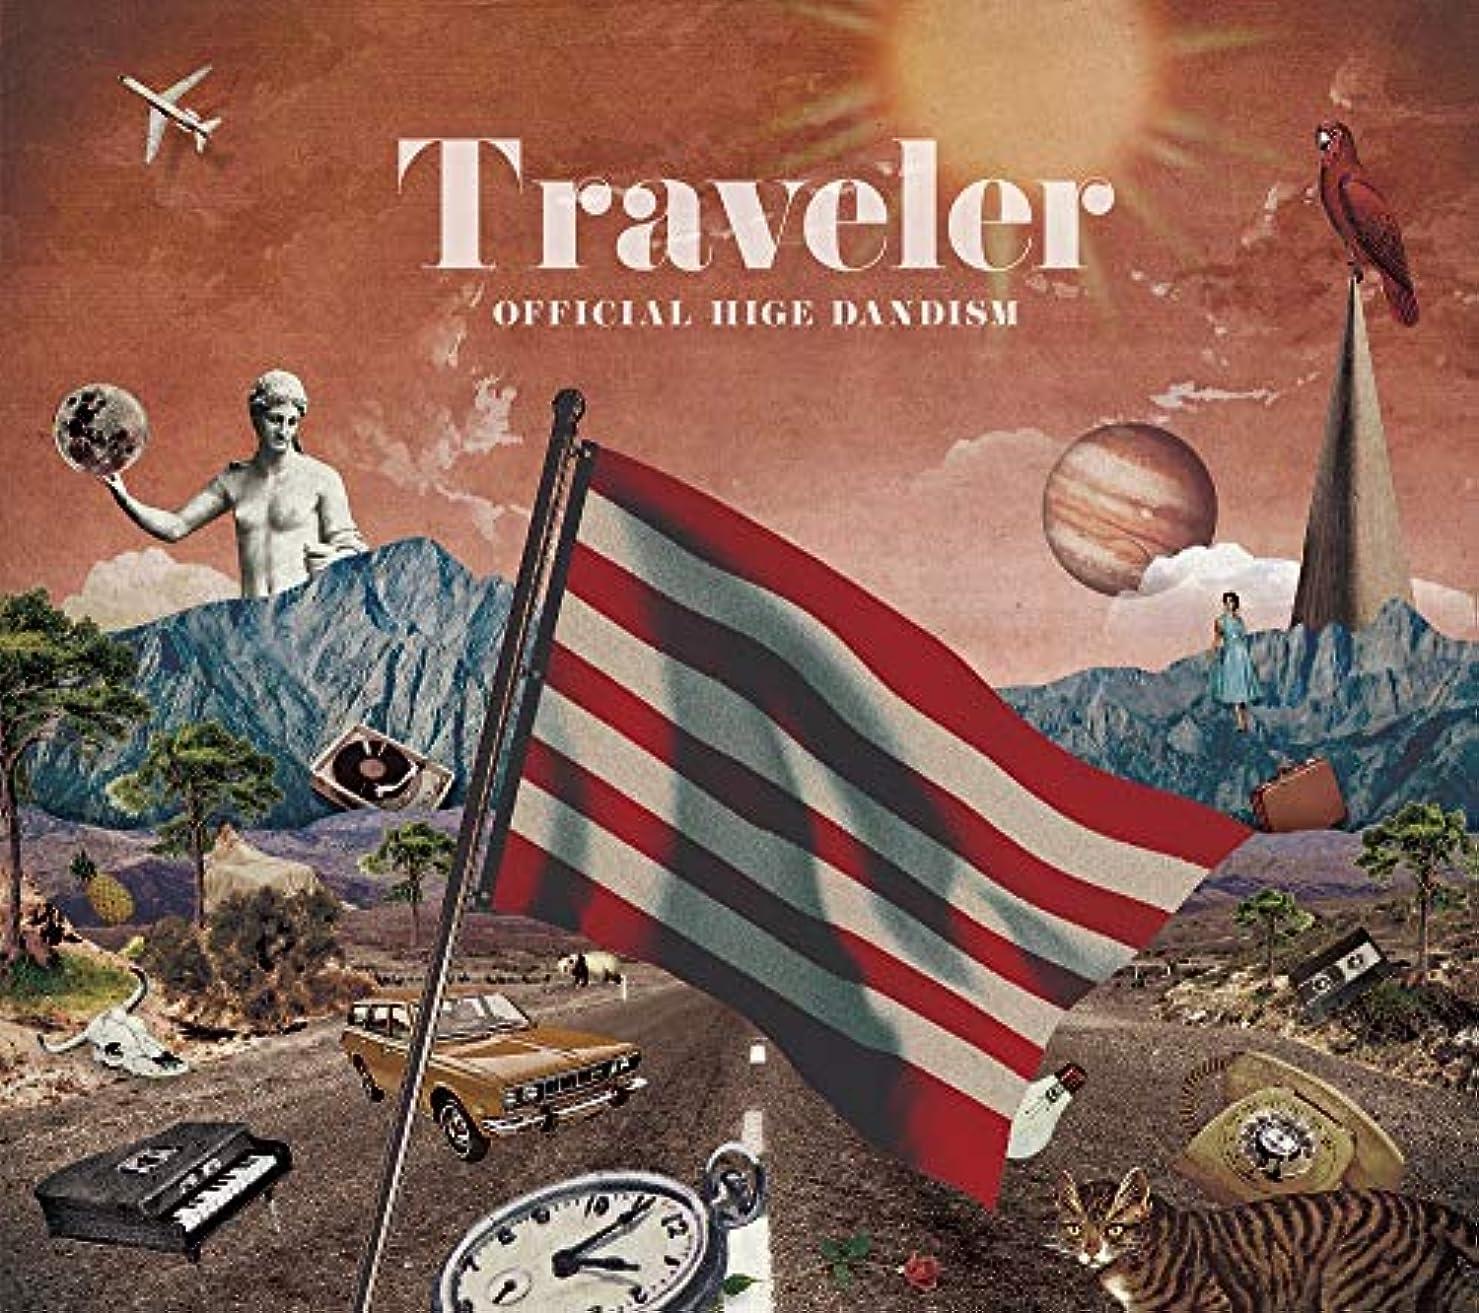 マニュアル継続中新しい意味Traveler (初回限定LIVE Blu-ray盤)